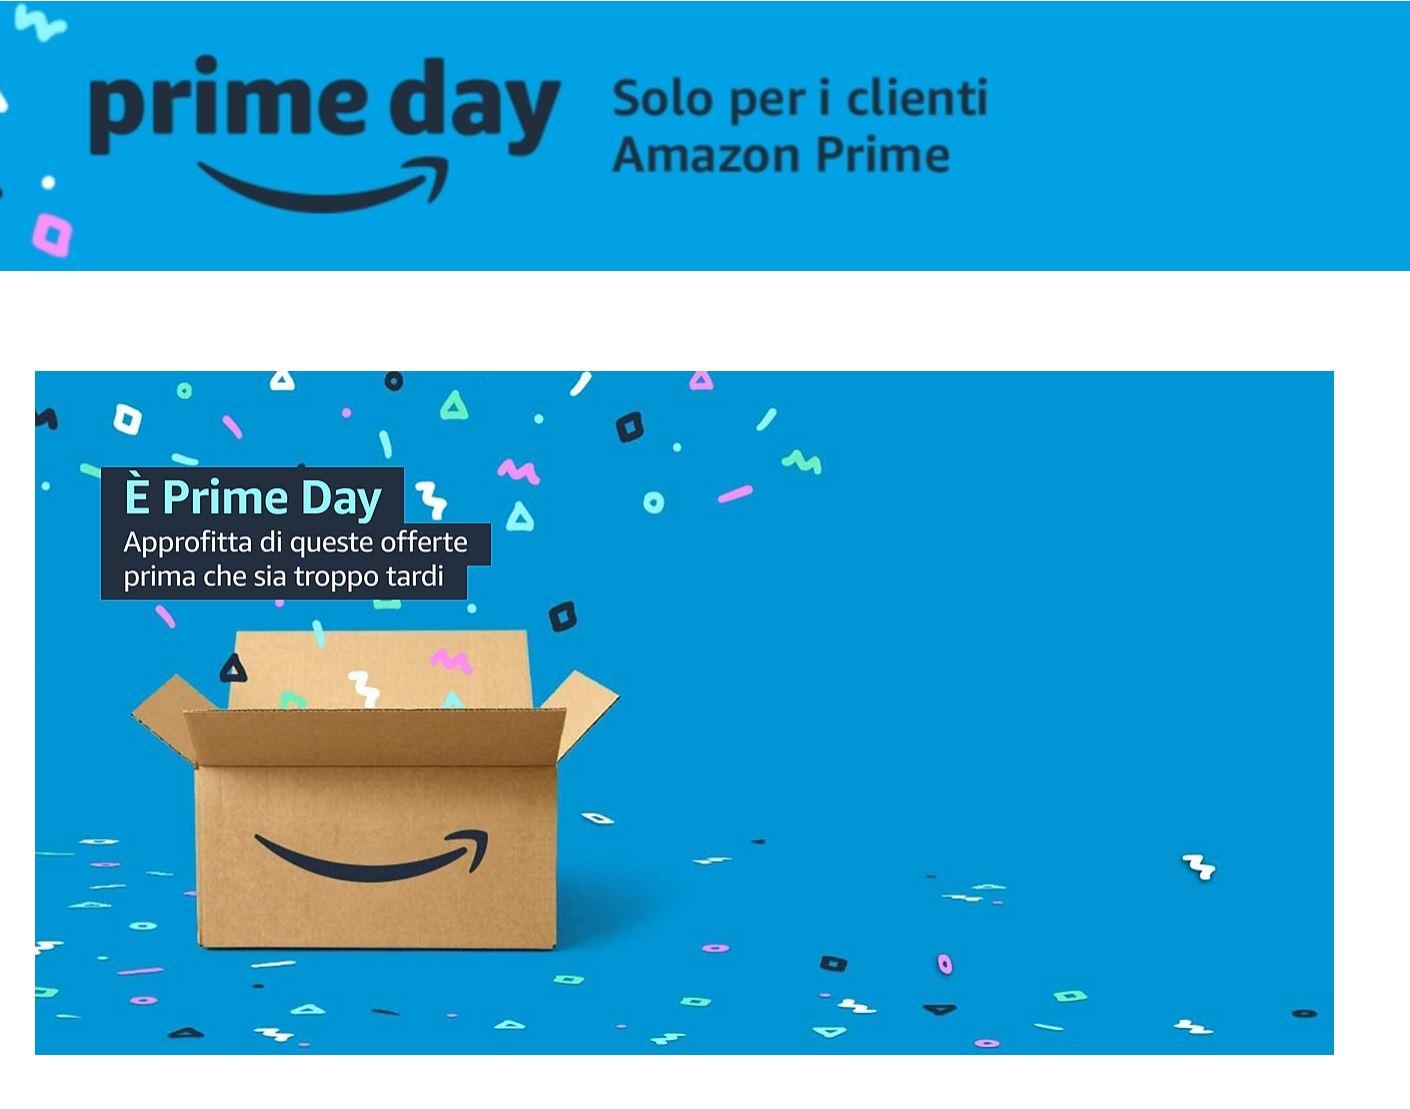 Le offerte Prime Day: prodotti Amazon e molto altro